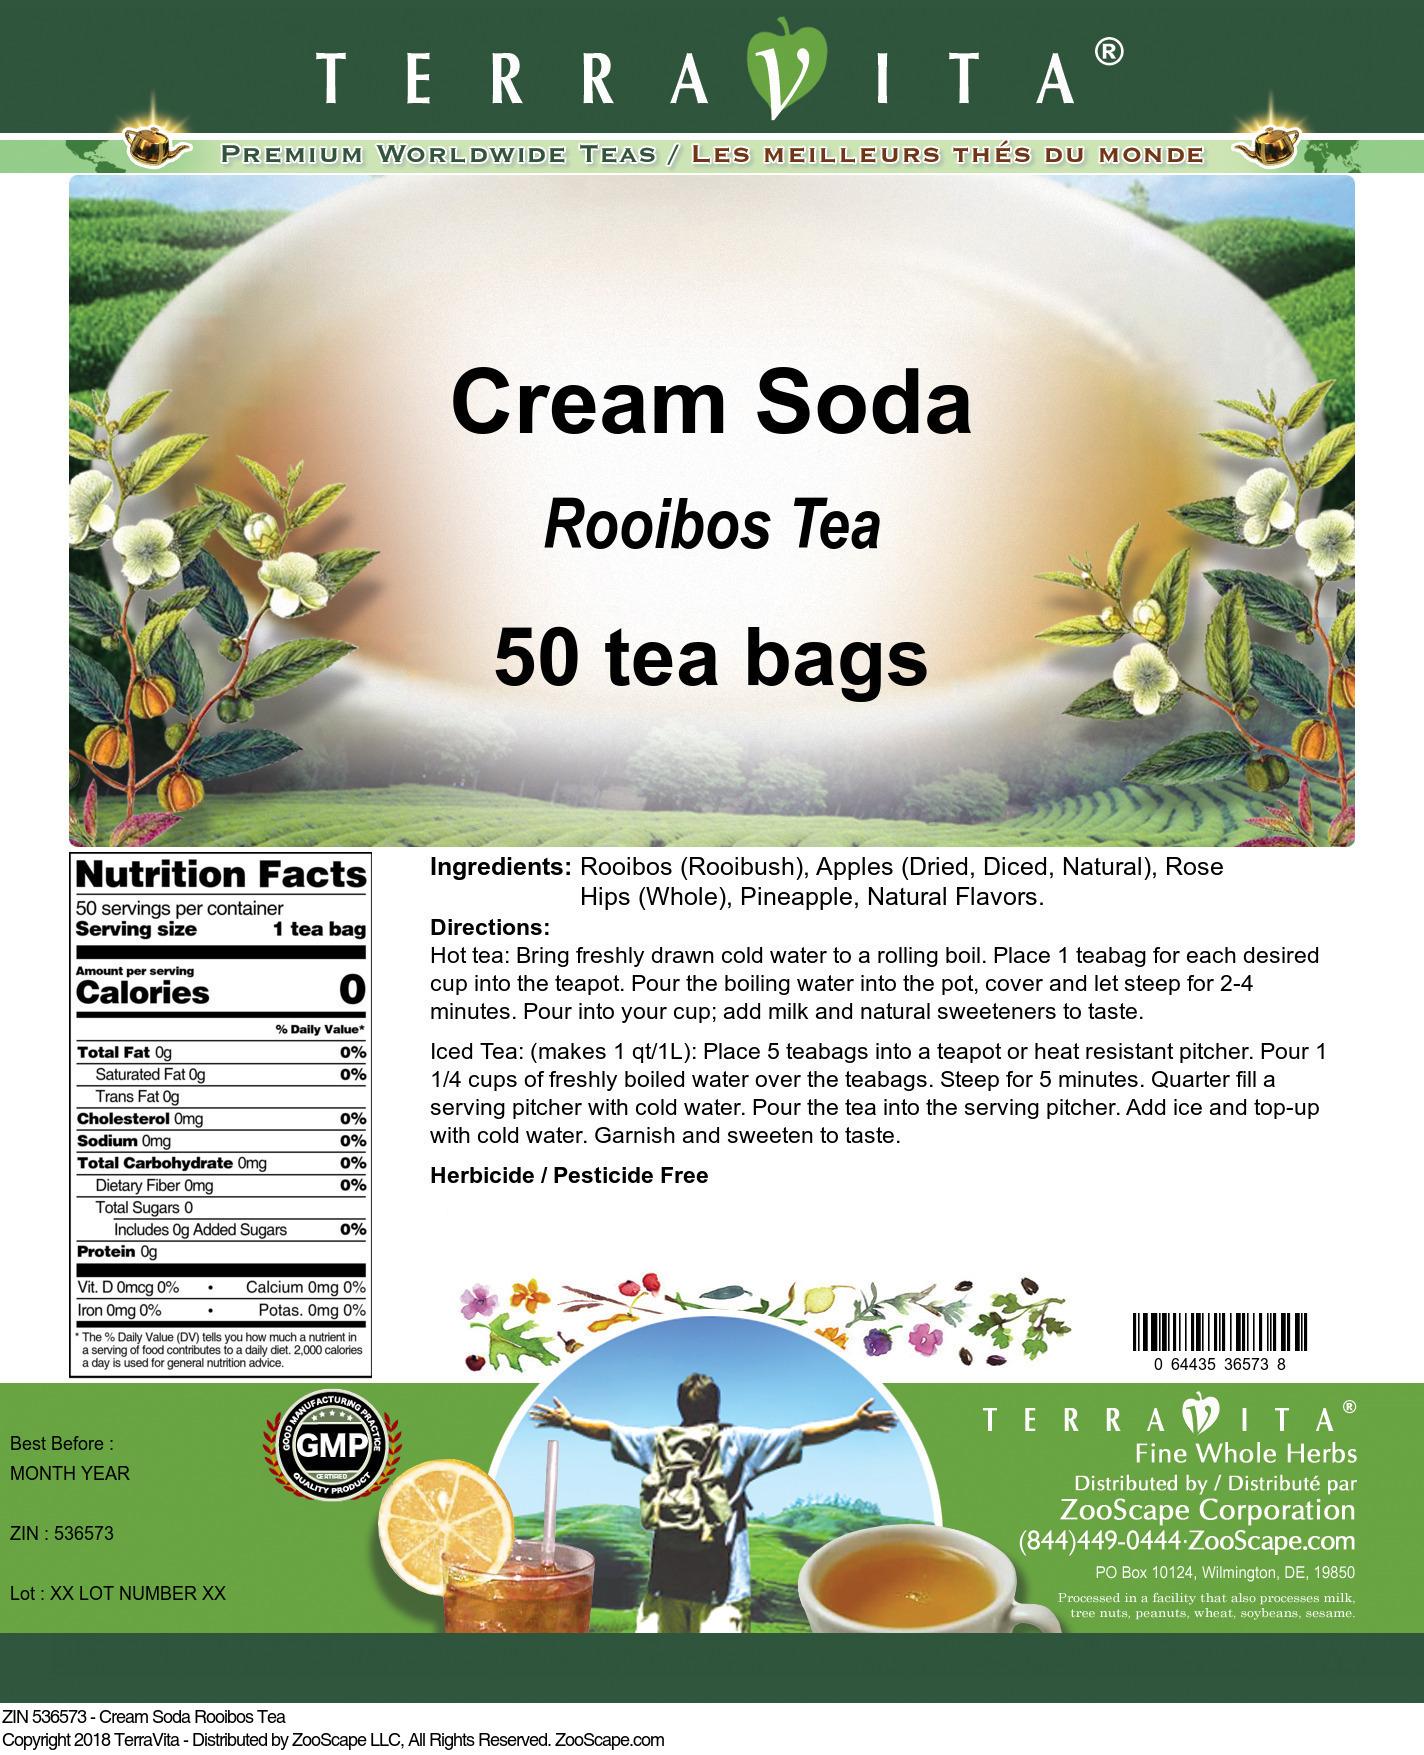 Cream Soda Rooibos Tea